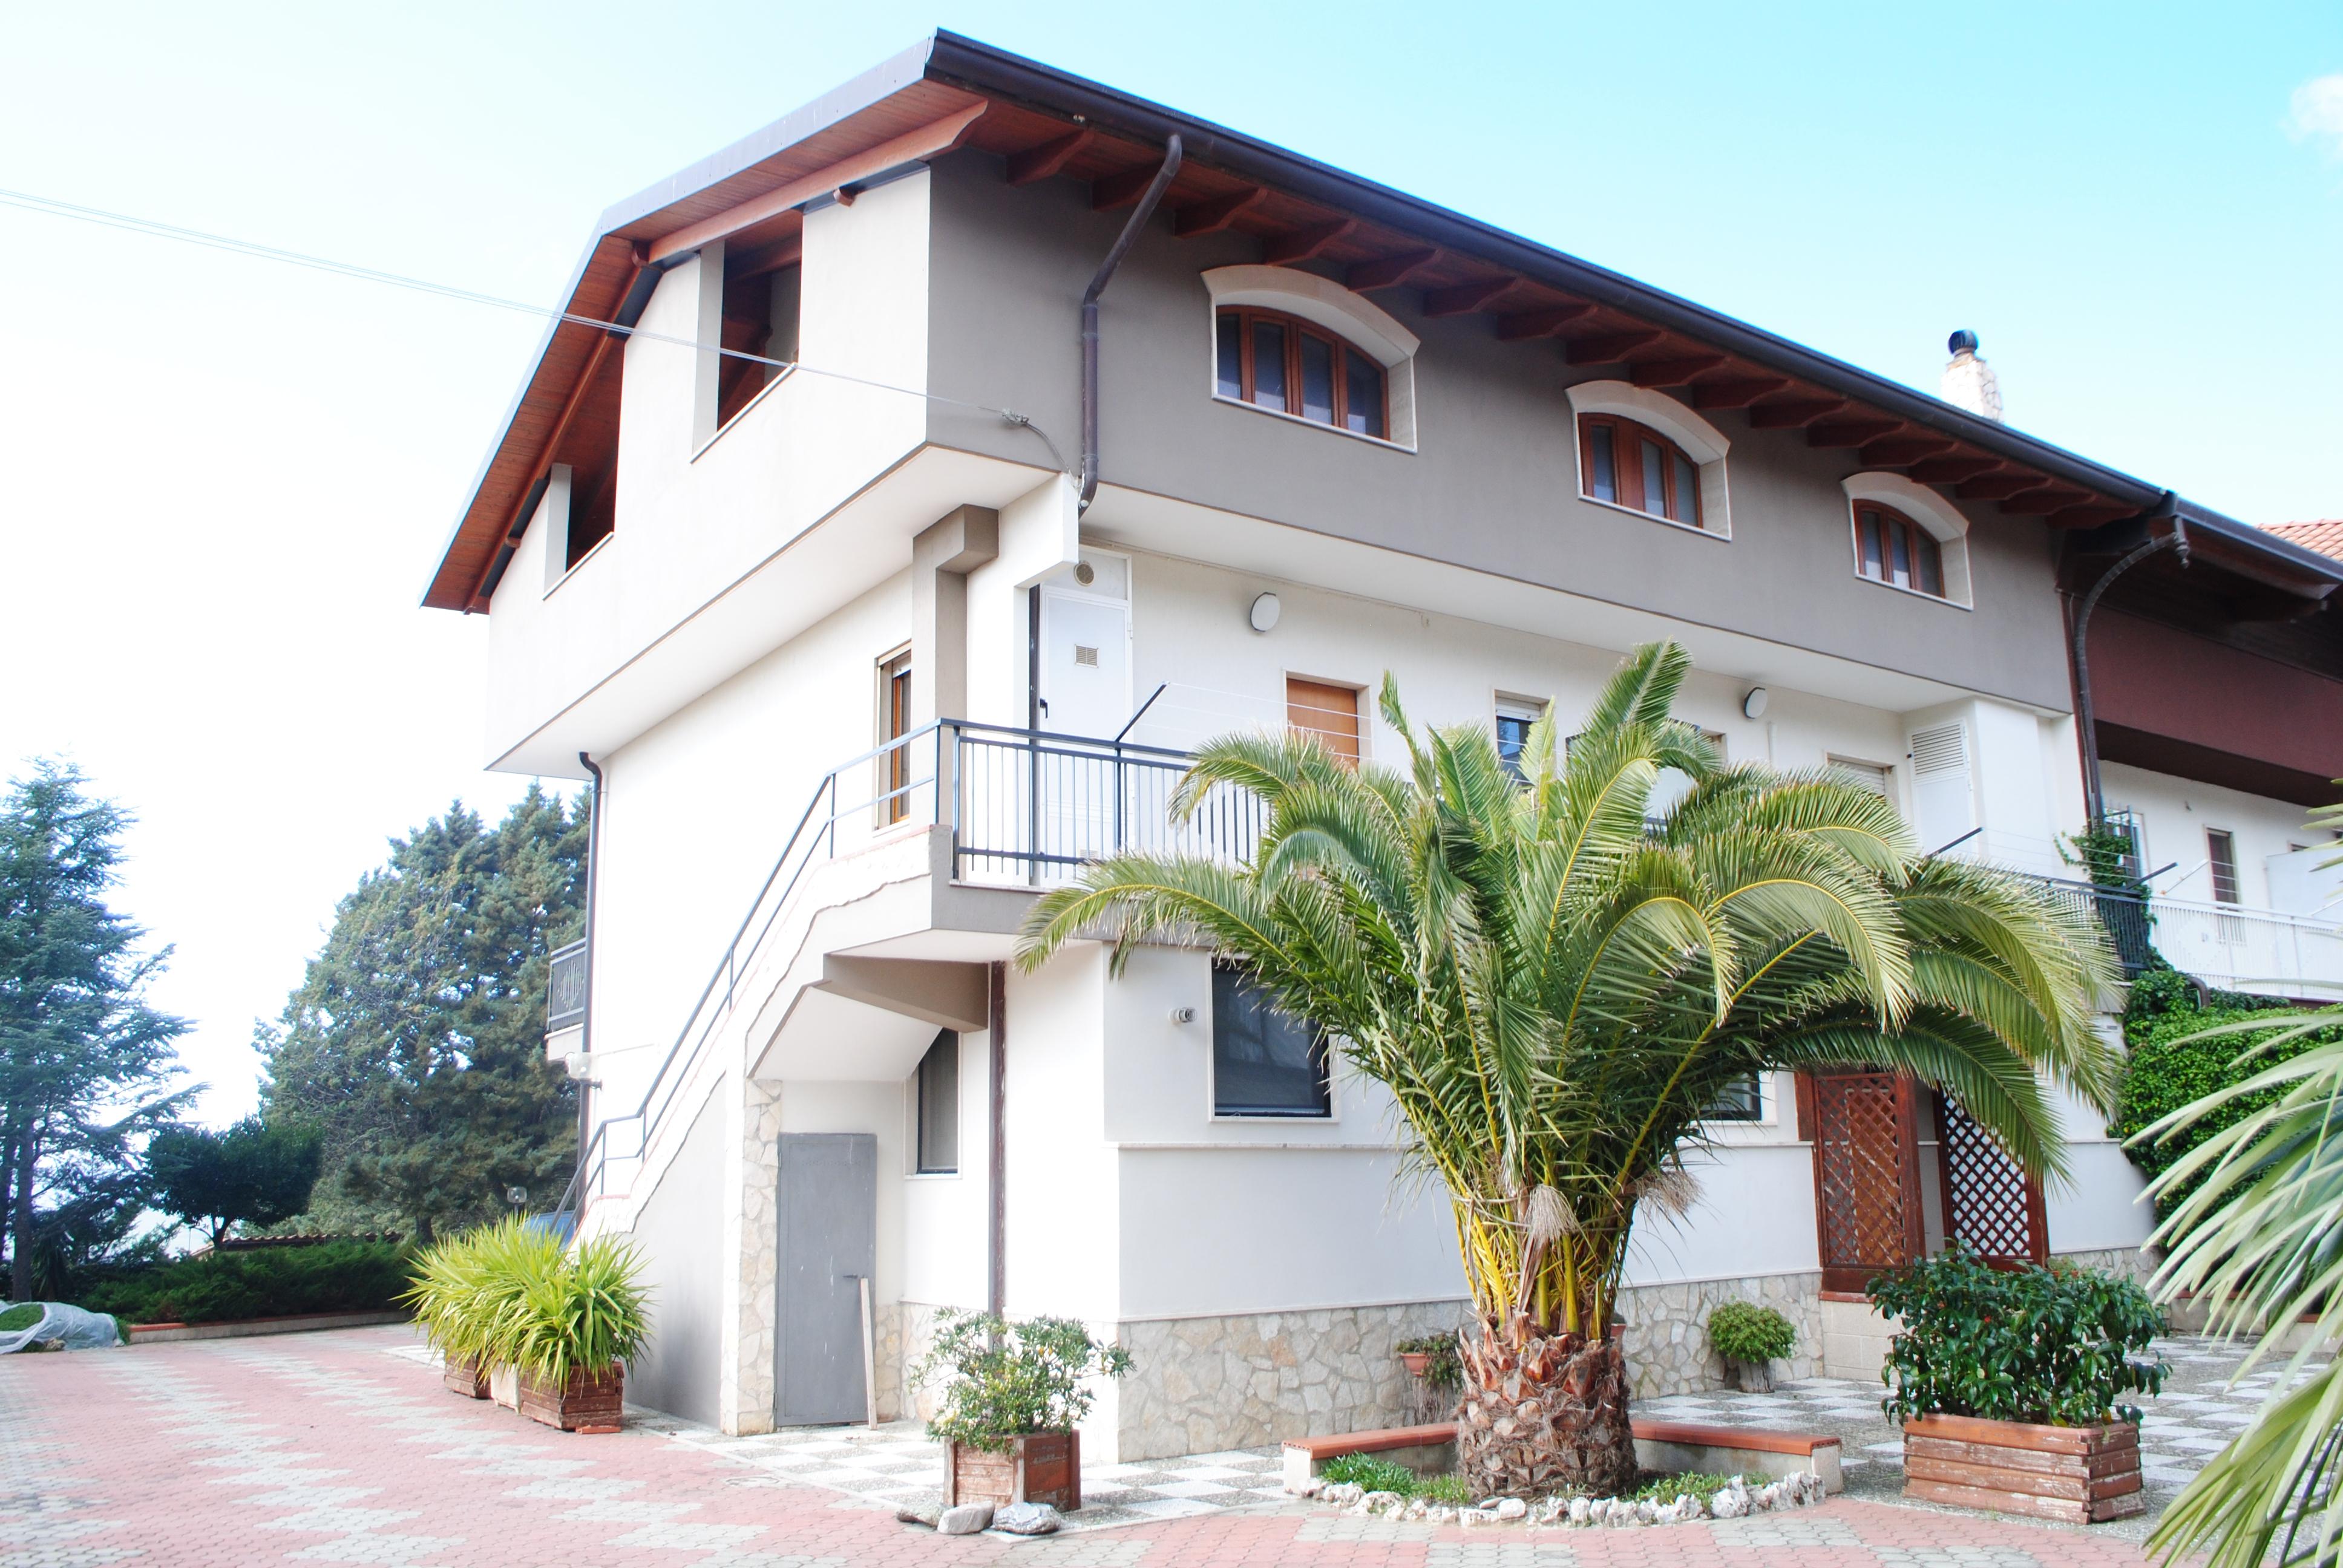 Villa con terreno in vendita a matera